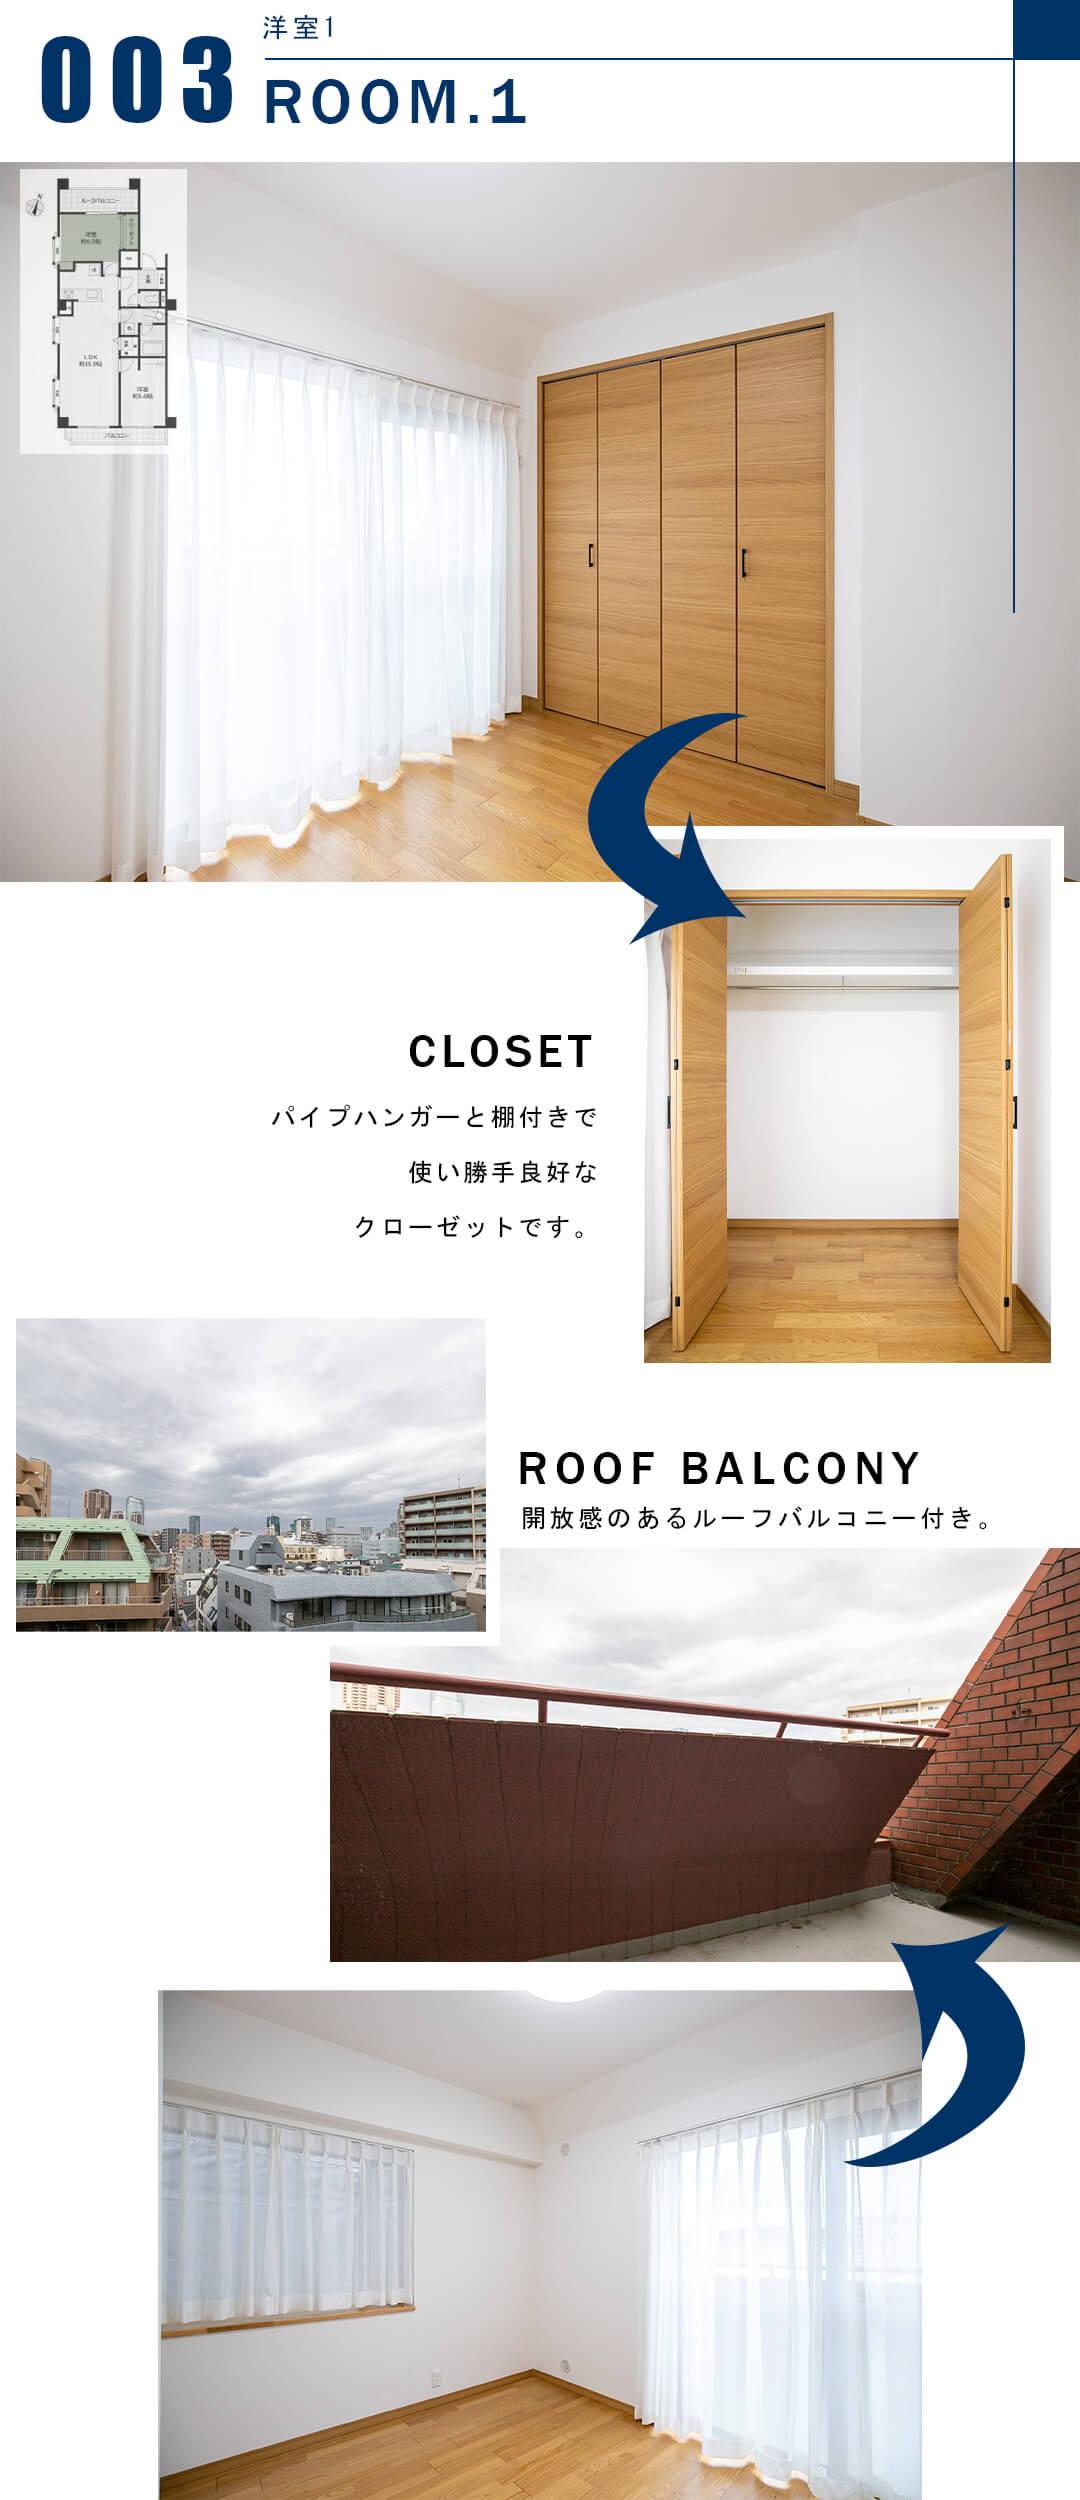 003洋室1.ROOM.1